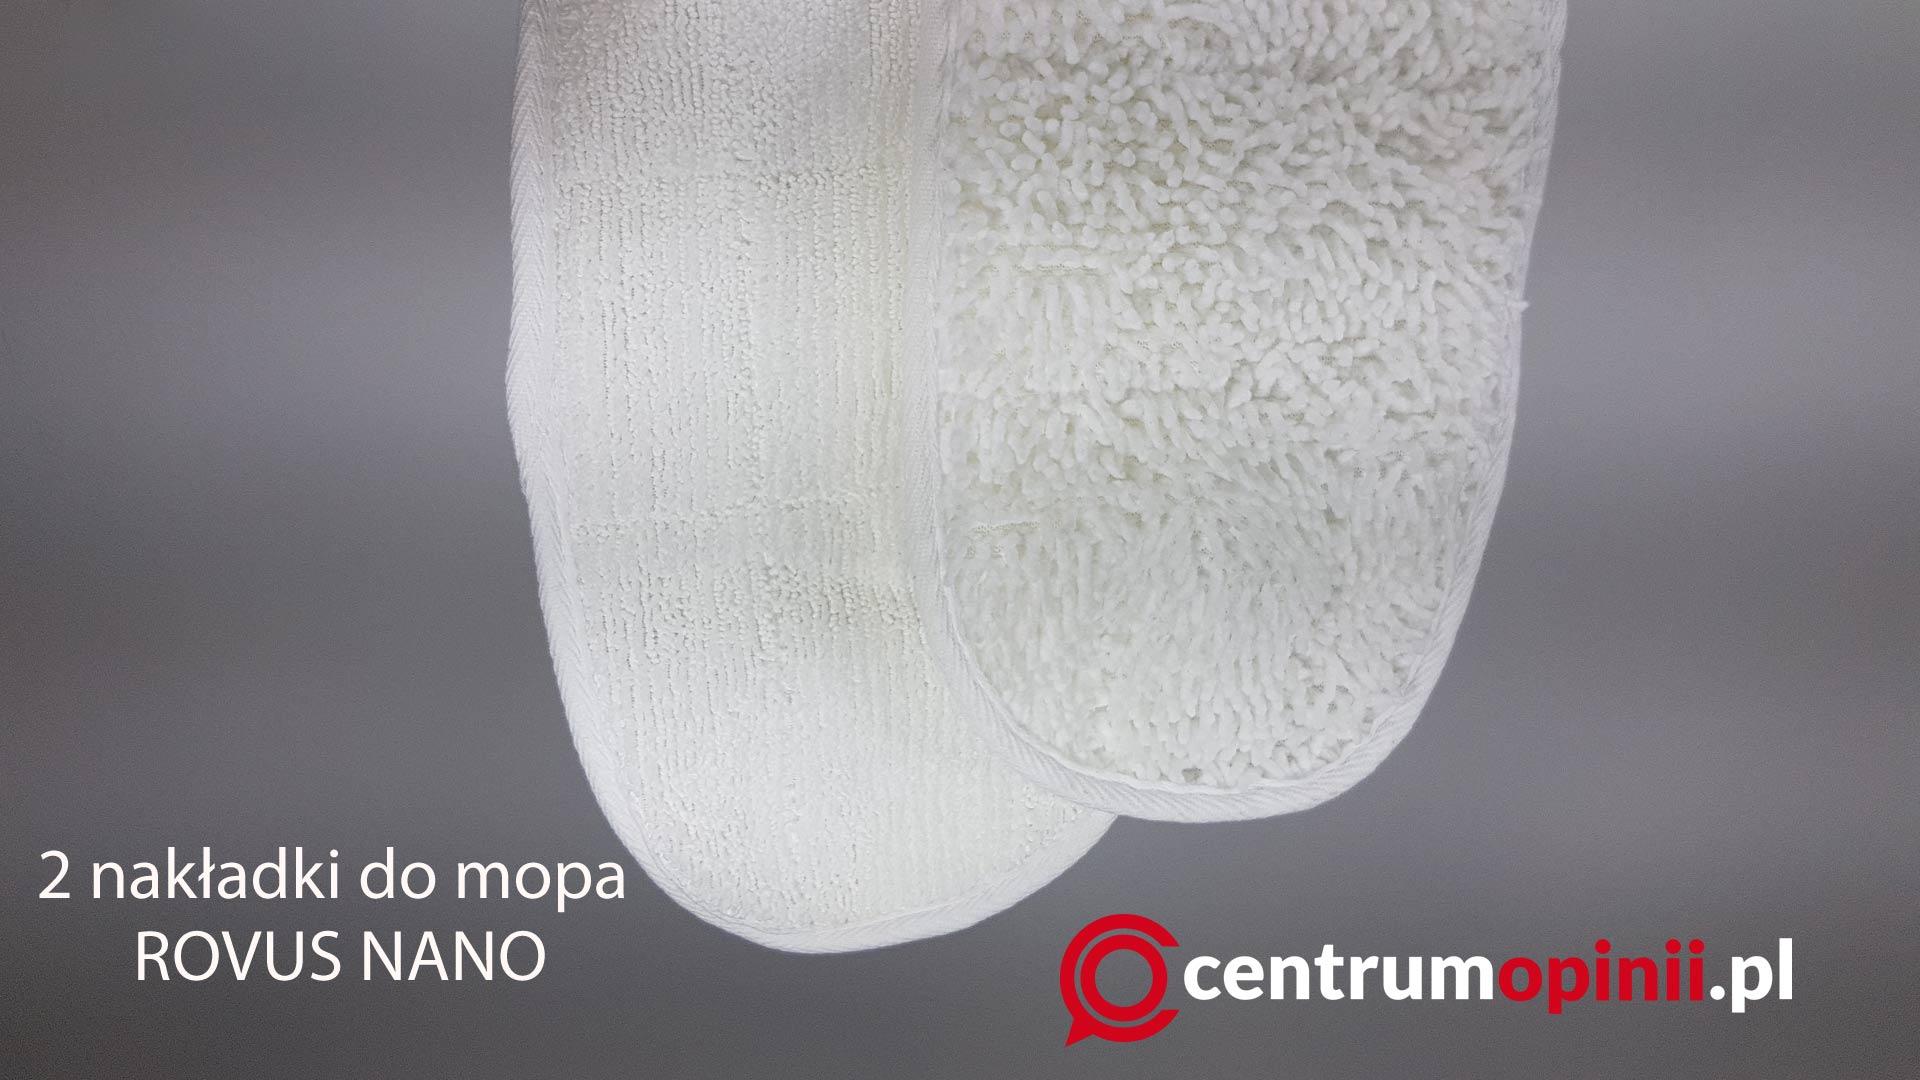 Nakładki do mopa Rovus Nano